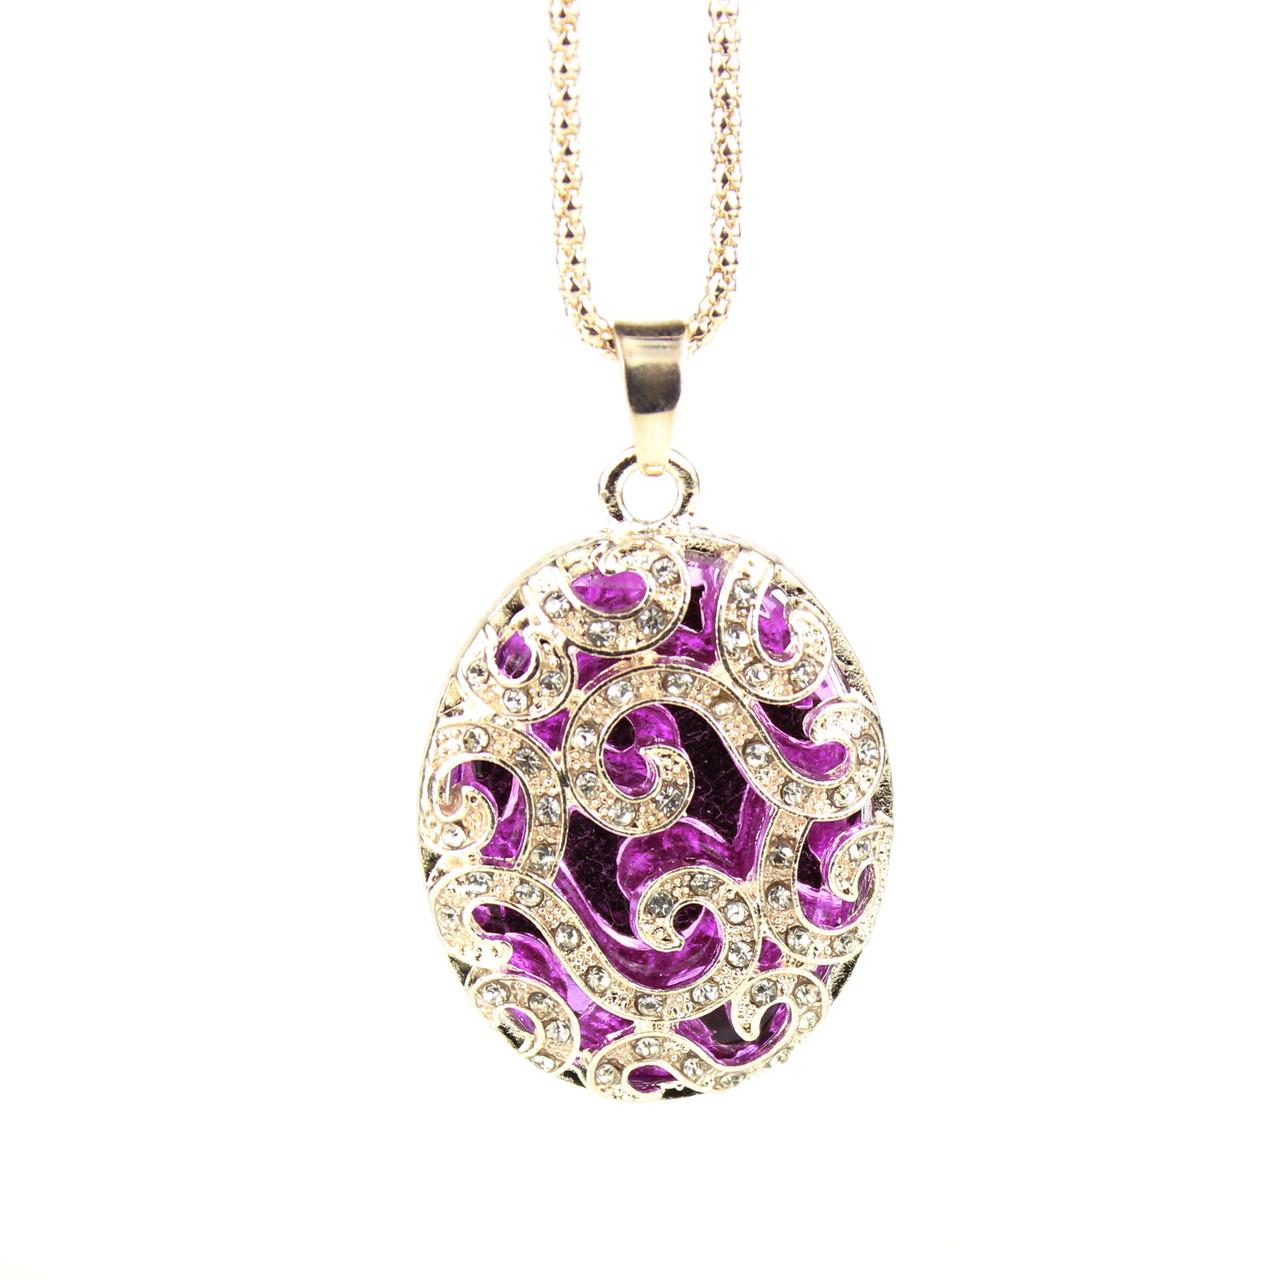 Ожерелье Betsey Johnson Purple Stone, фото 1